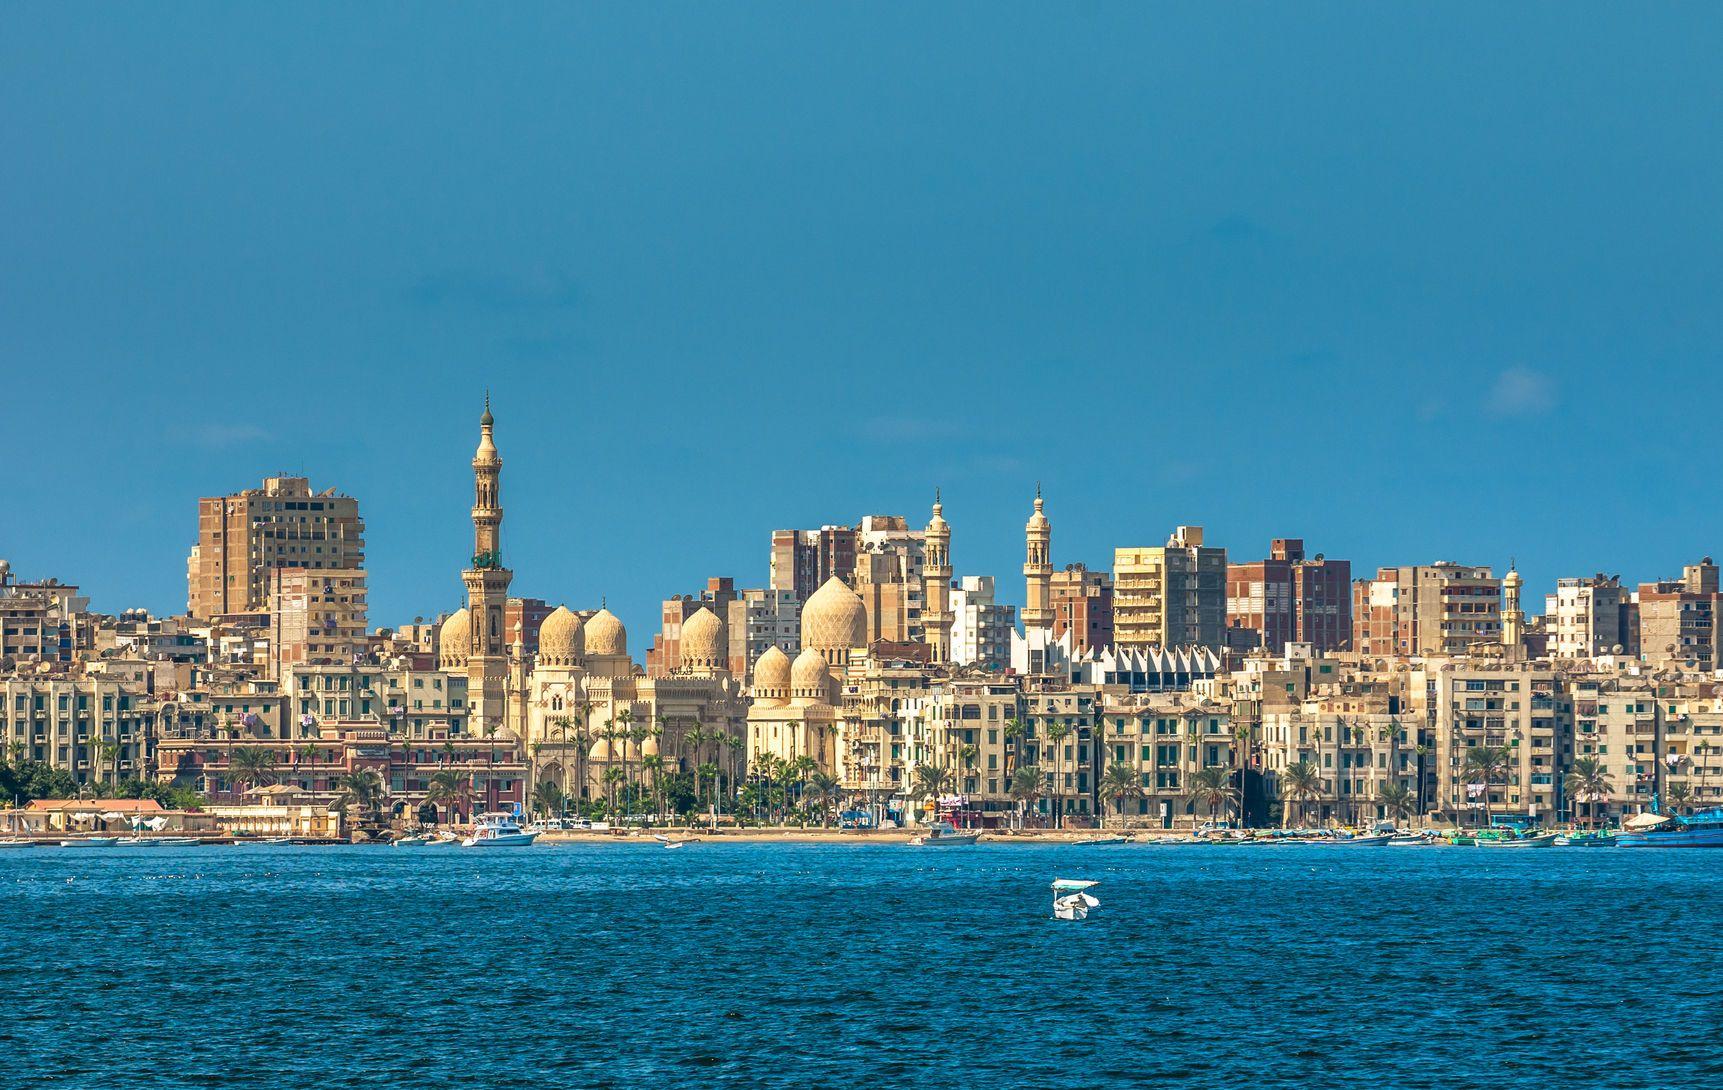 Pohled na přístav egyptské Alexandrie | javarman/123RF.com